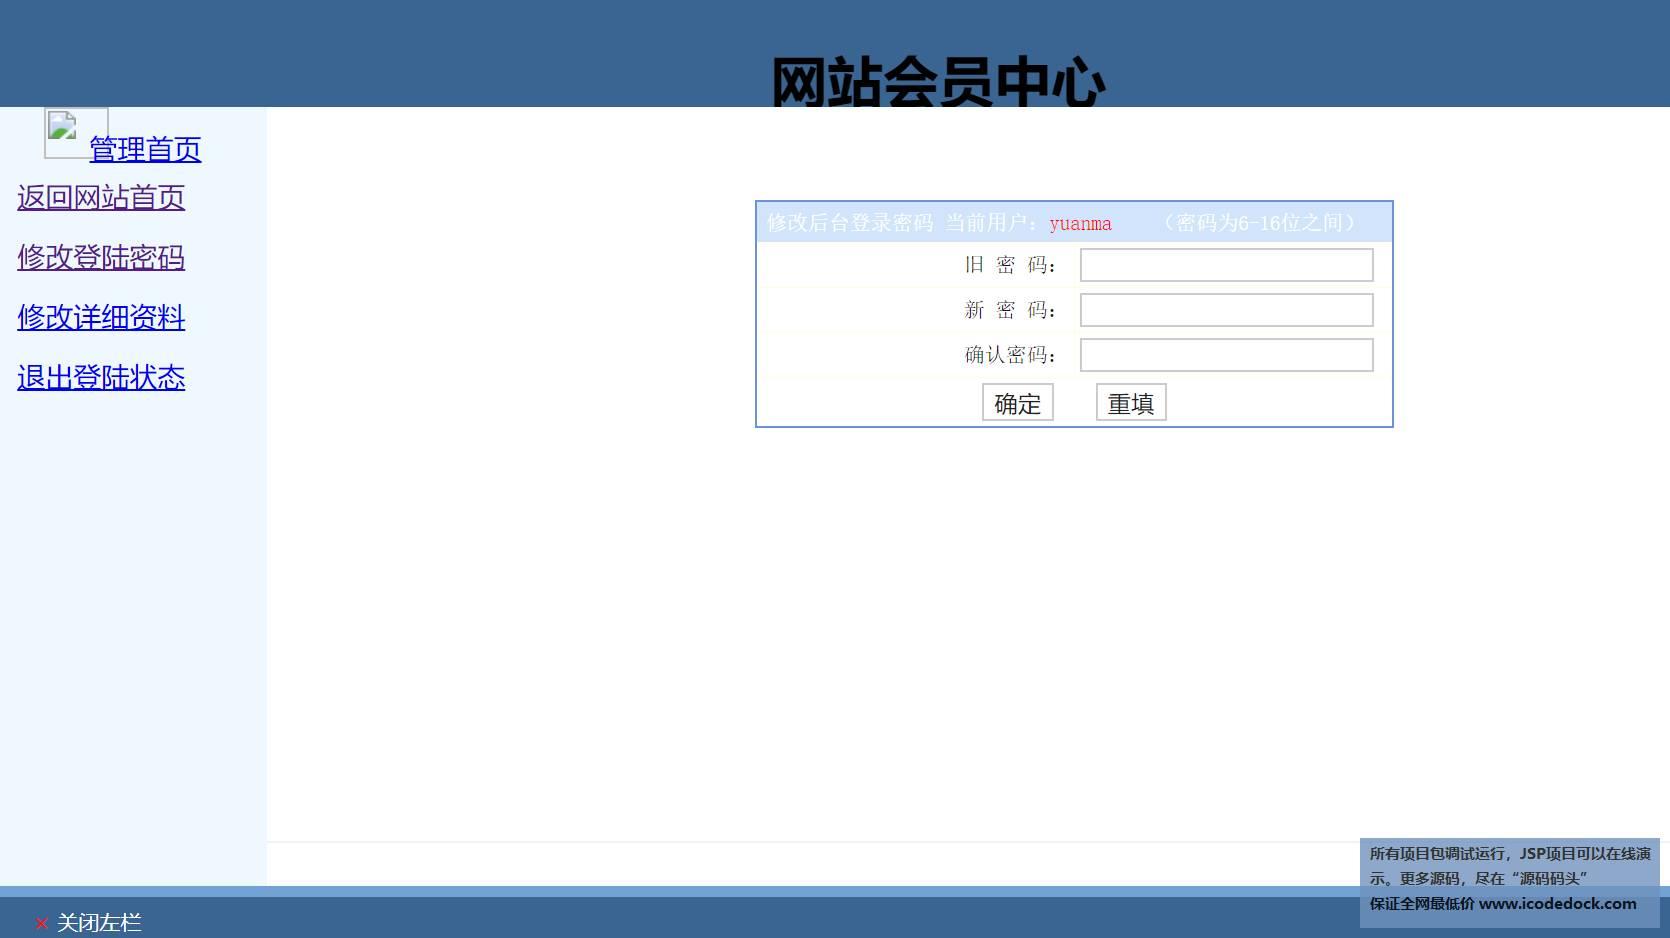 源码码头-JSP会员卡积分管理系统-用户角色-修改密码